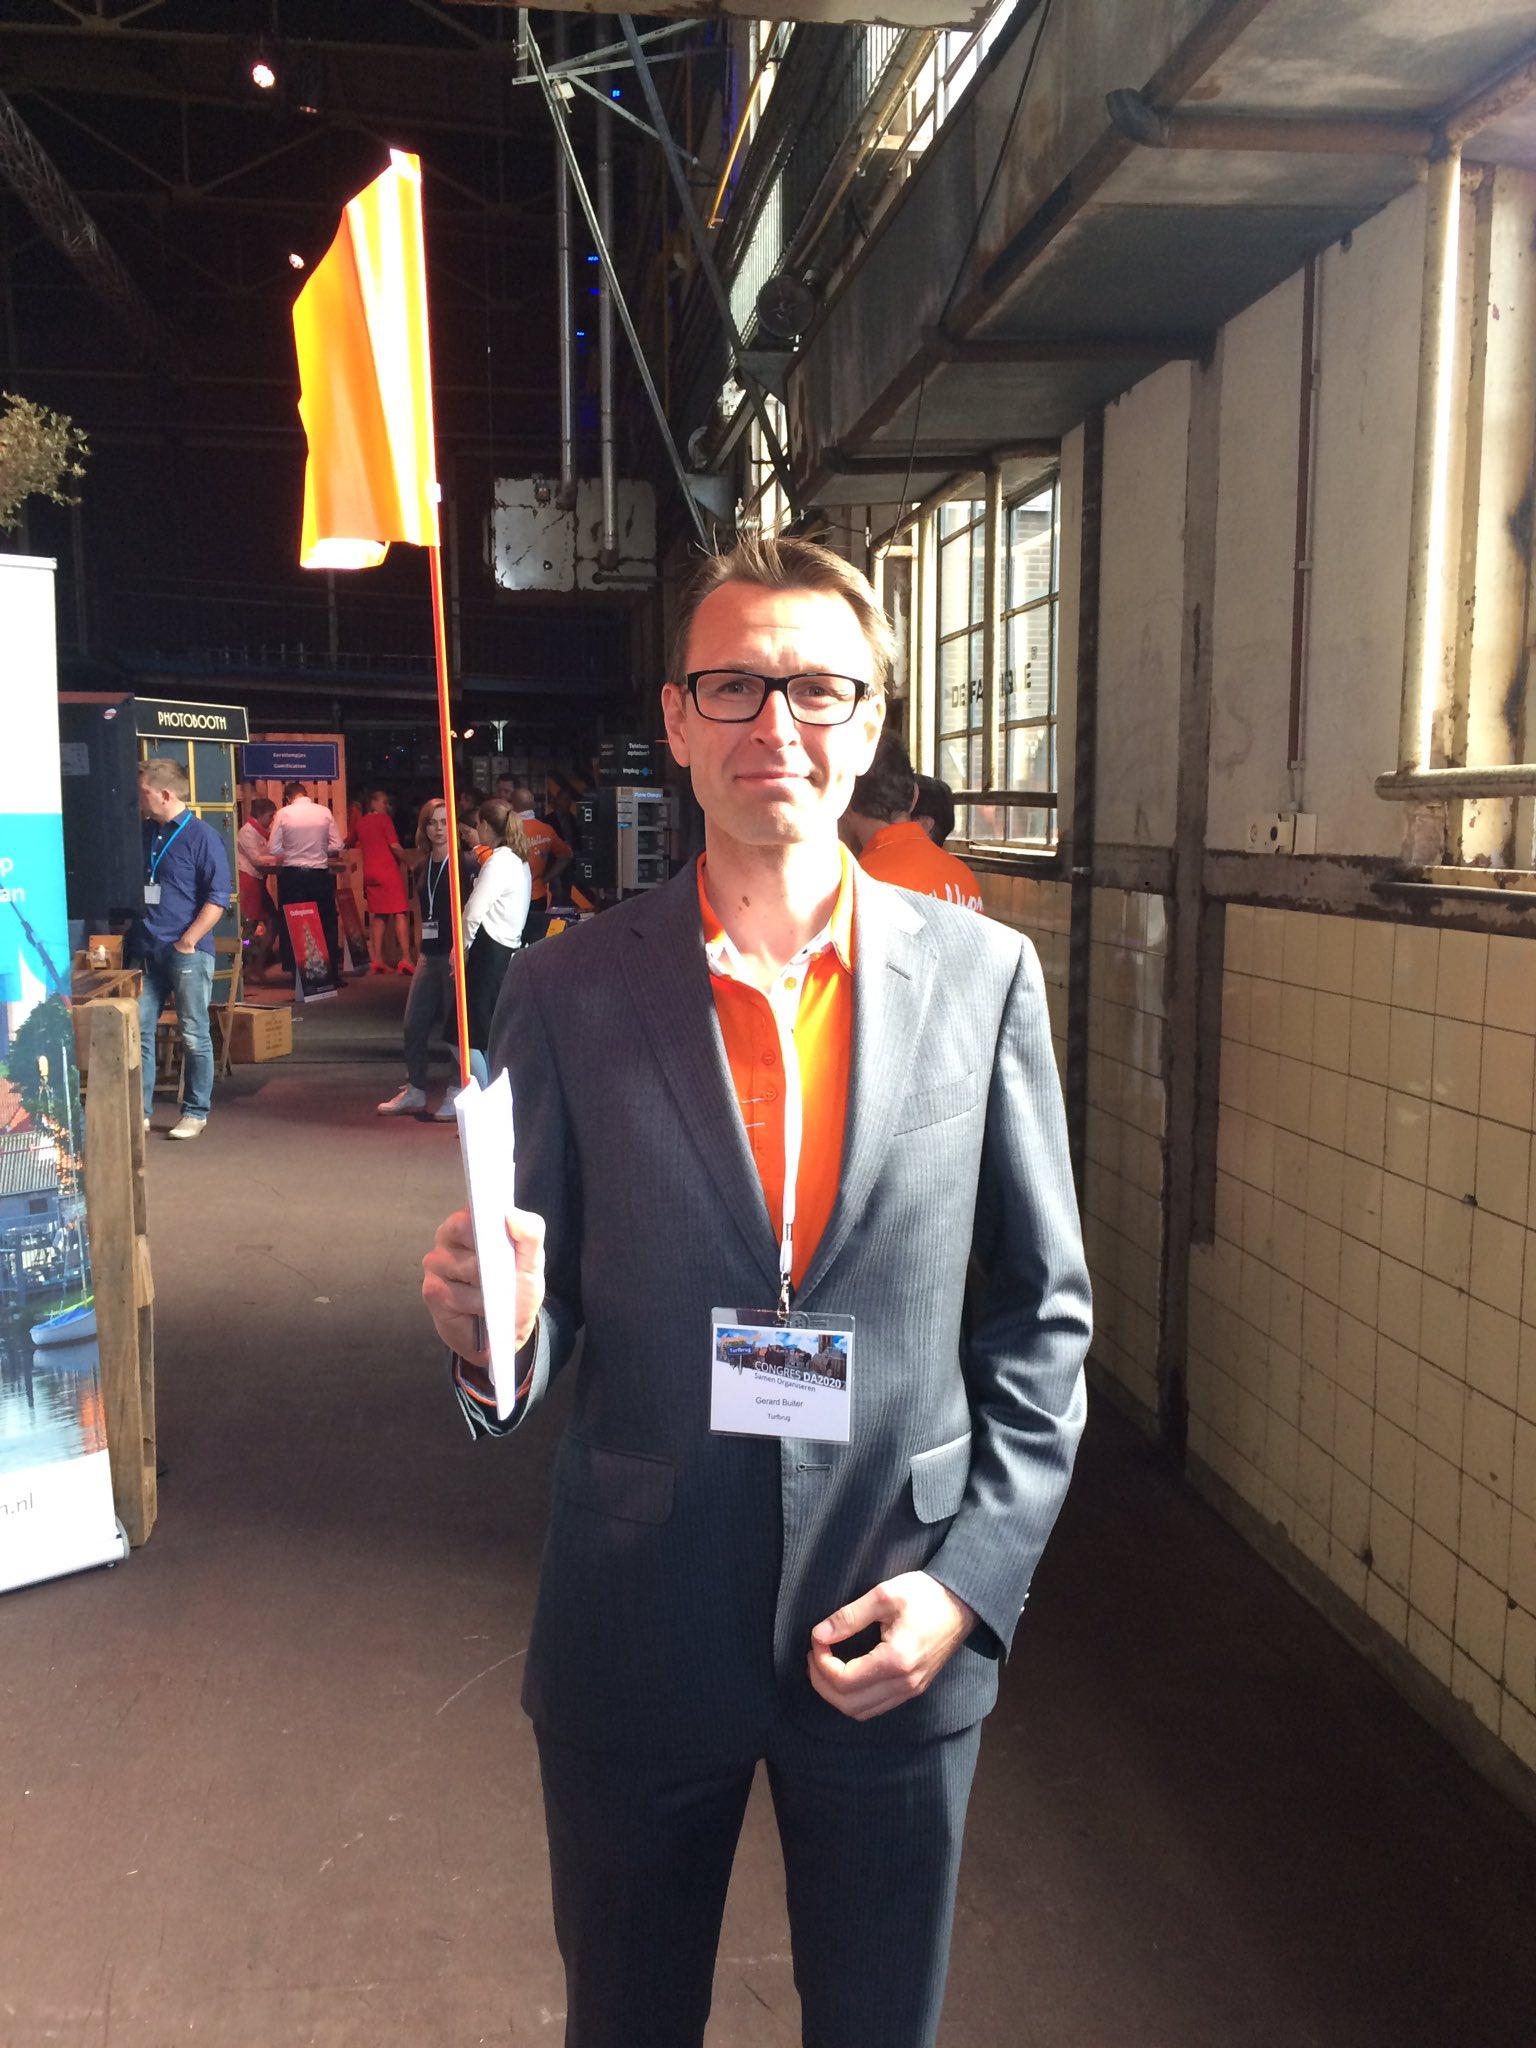 Mijn collega de gemeentesecretaris staat klaar voor de rondleiding op de expo #DA2020 https://t.co/mOjLWpsiHa